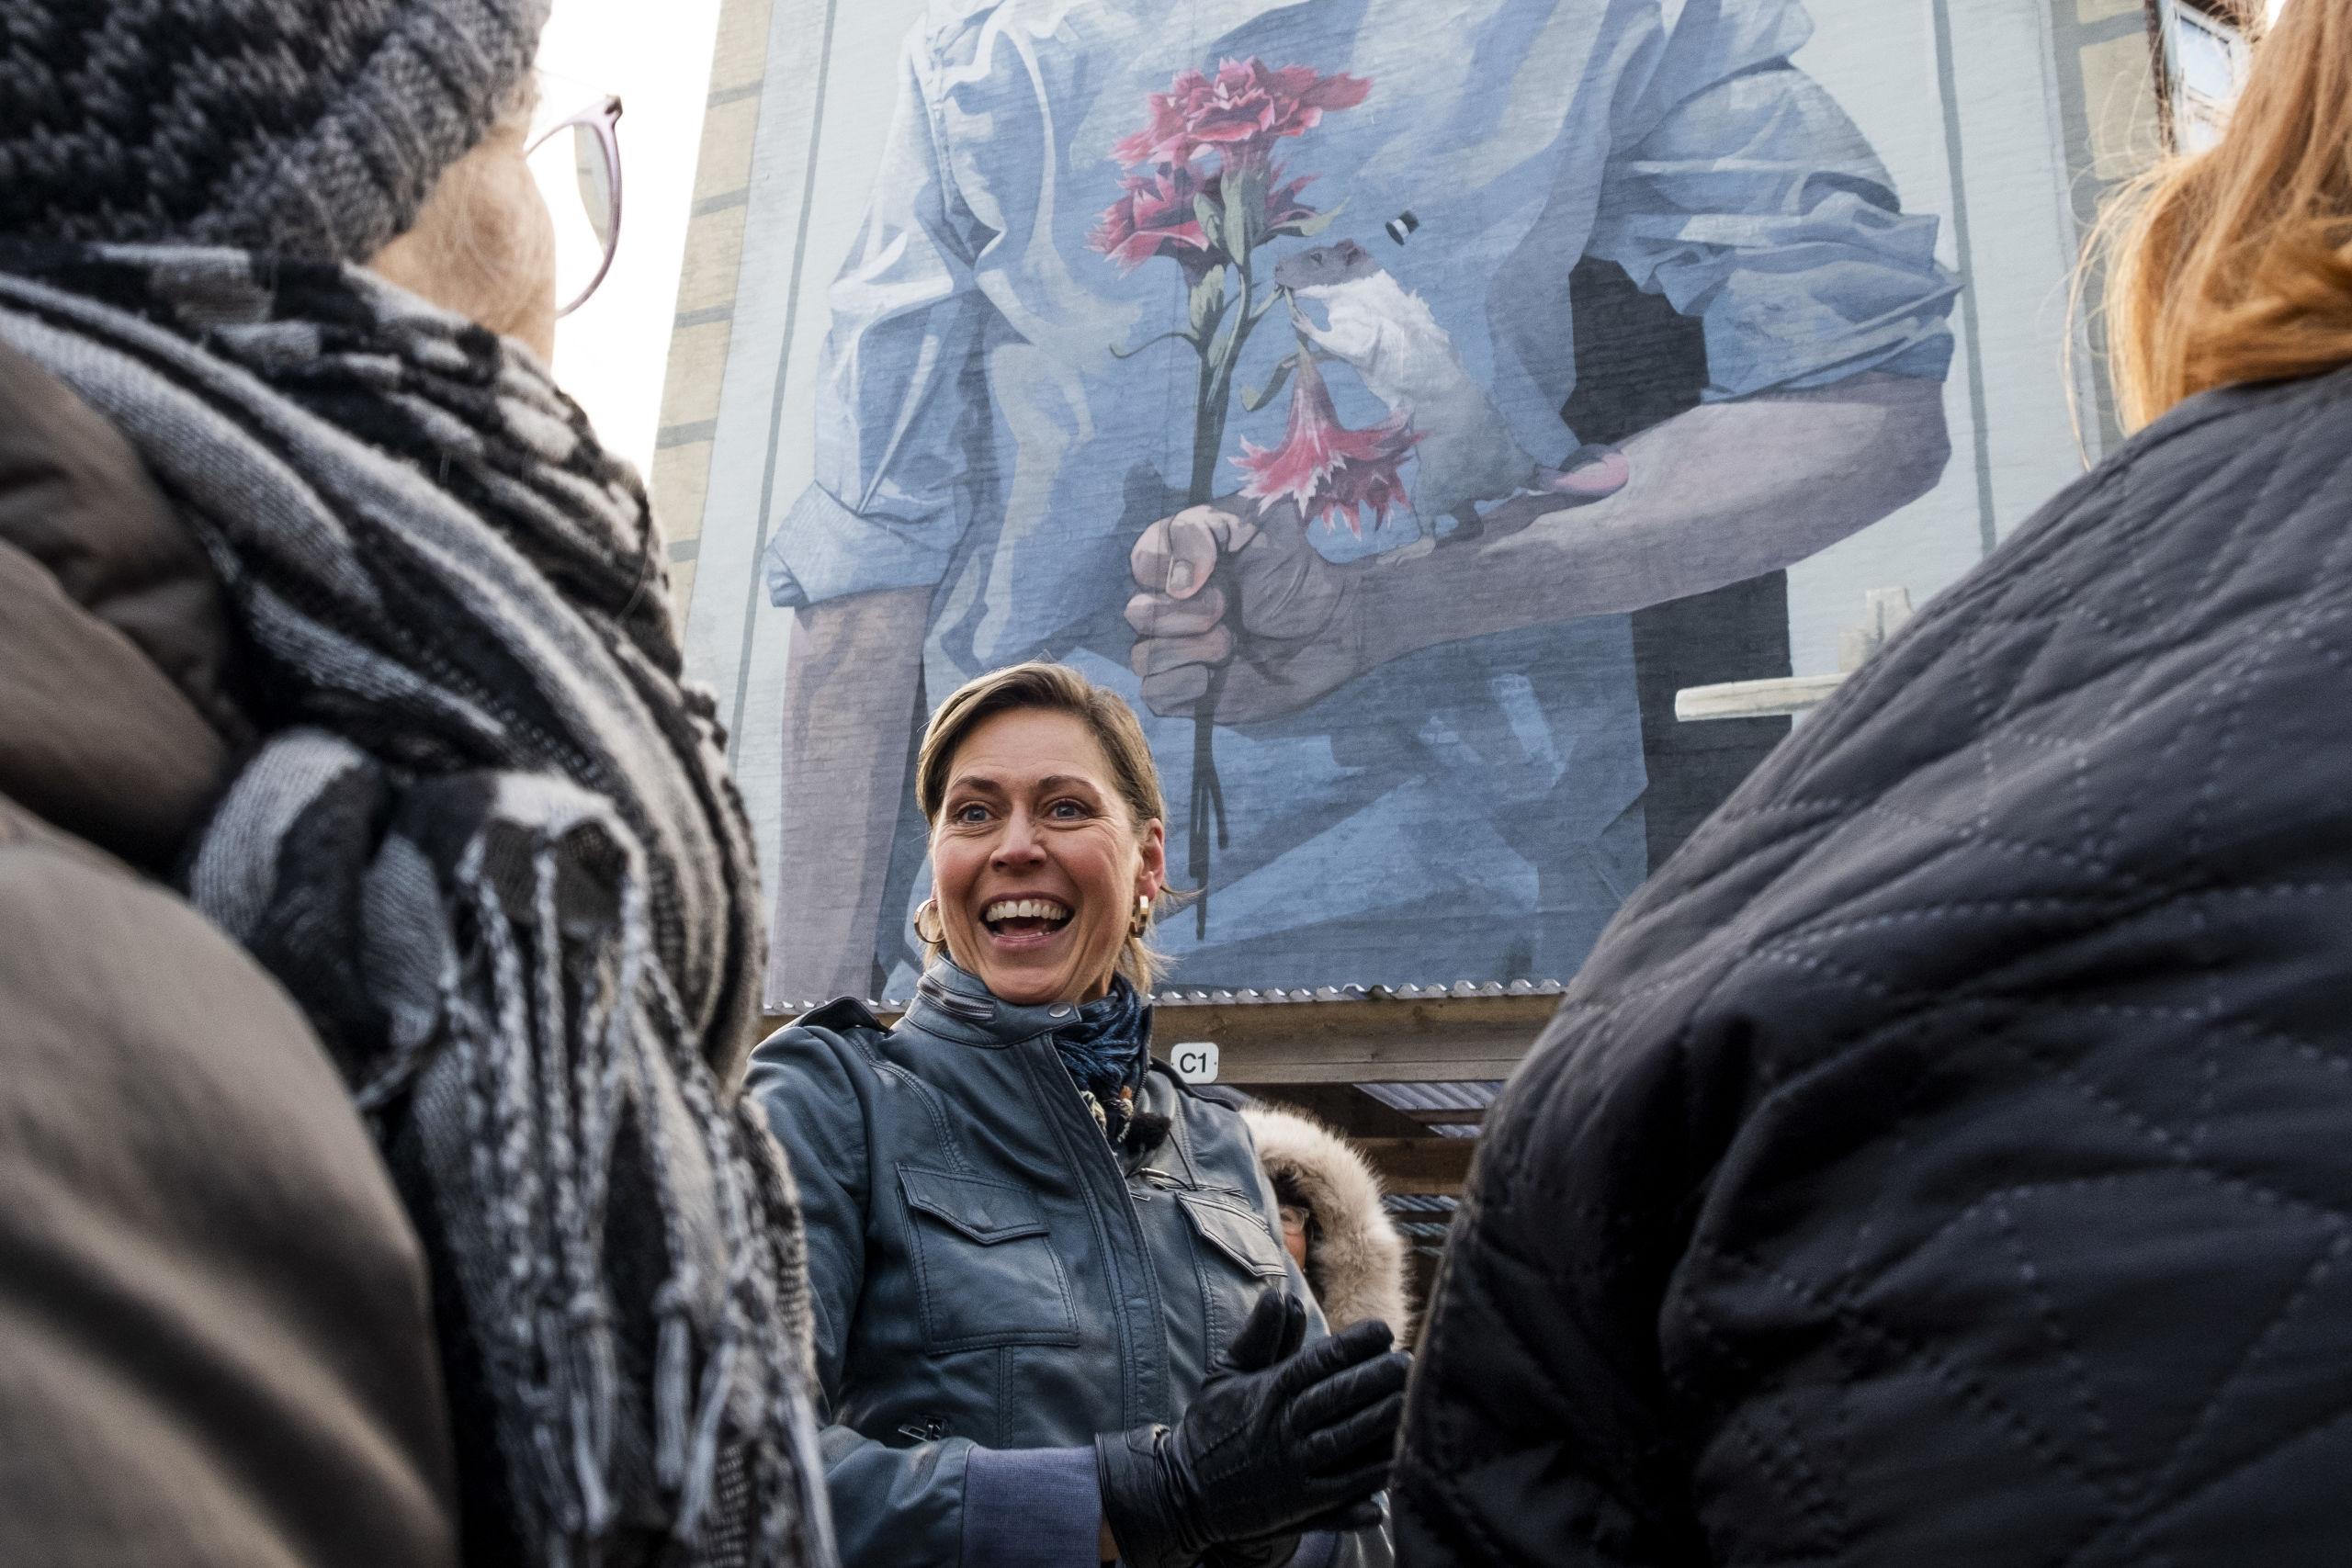 Lene Kirk har svært ved at pege på favoritter blandt byens gavlmalerier. Turens udvalgte ligger dog i hendes top 10, siger hun.  Foto: Lasse Sand